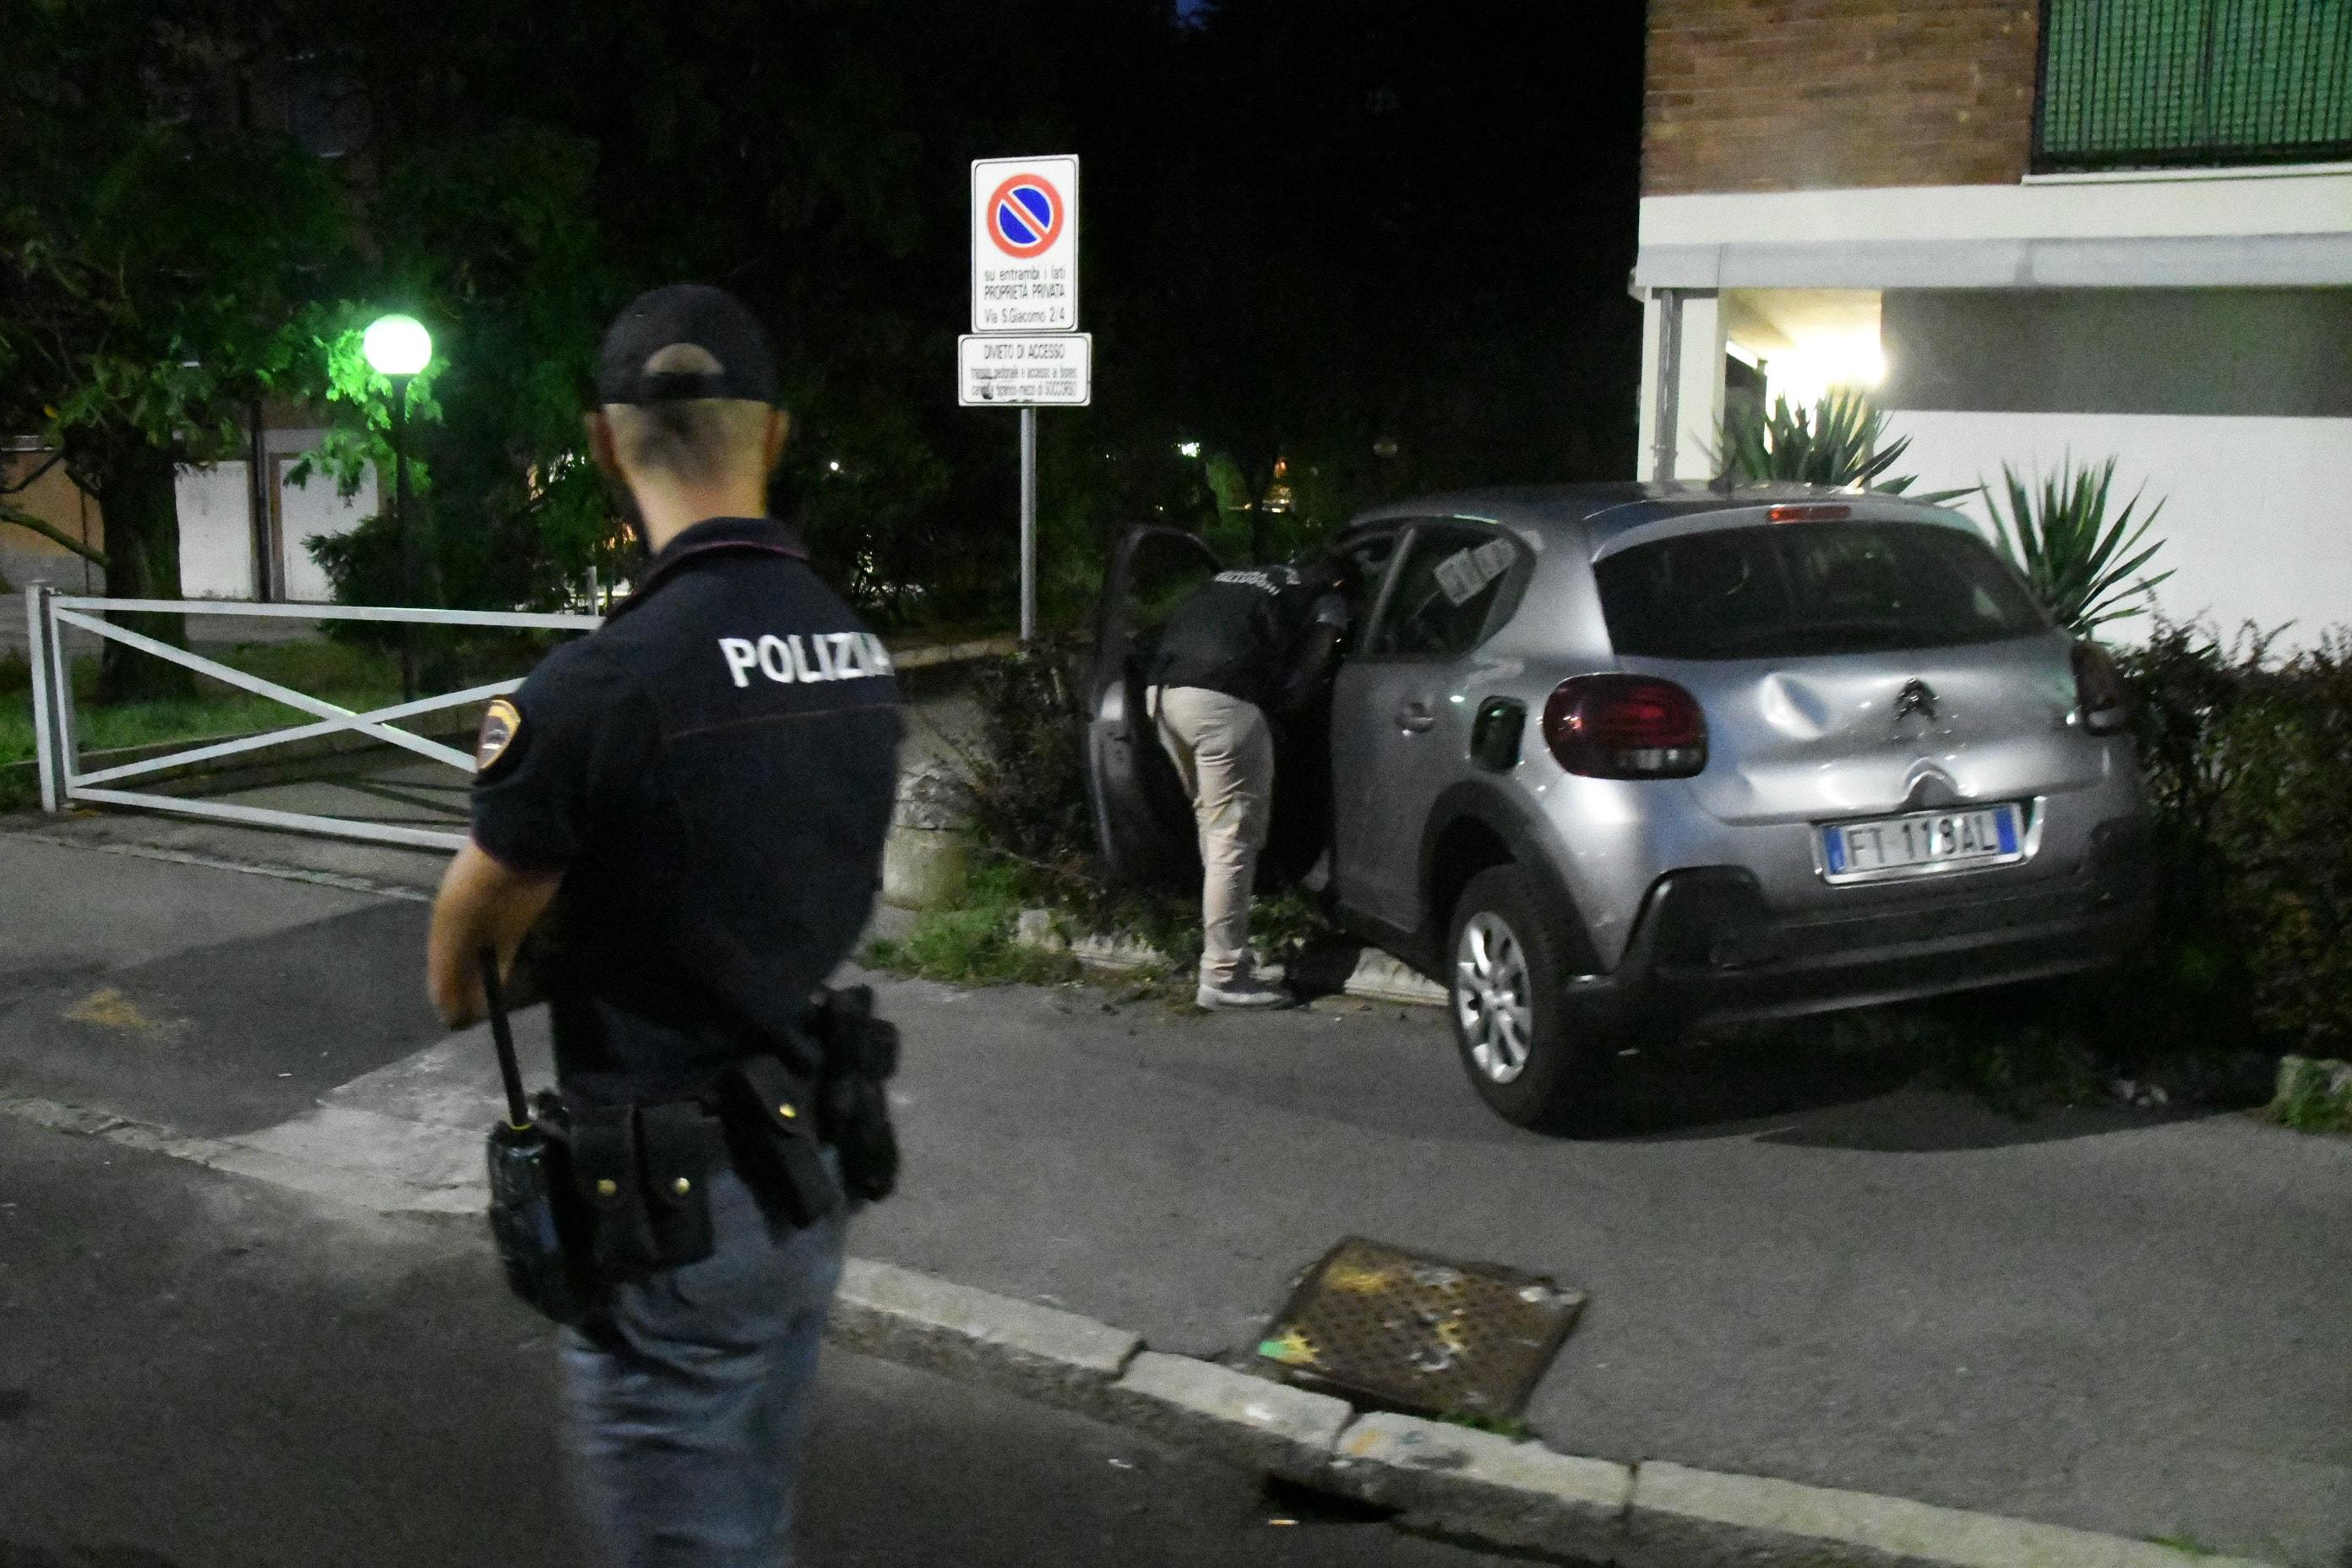 Omicidio via San Giacomo a Milano. Polizia e Scientifica di Daniele Bennati (6)